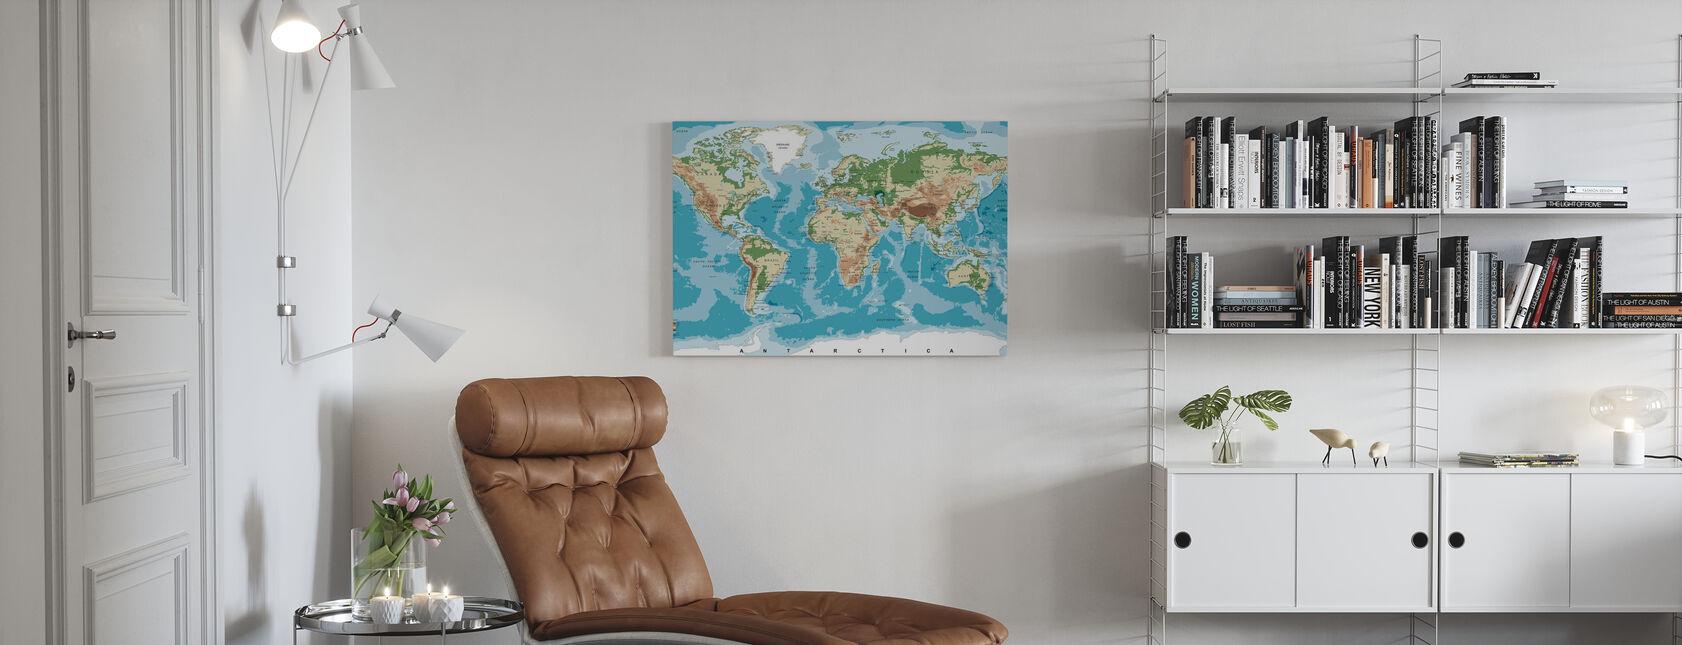 Weltkarte mit Höhen-Tönungen - Leinwandbild - Wohnzimmer